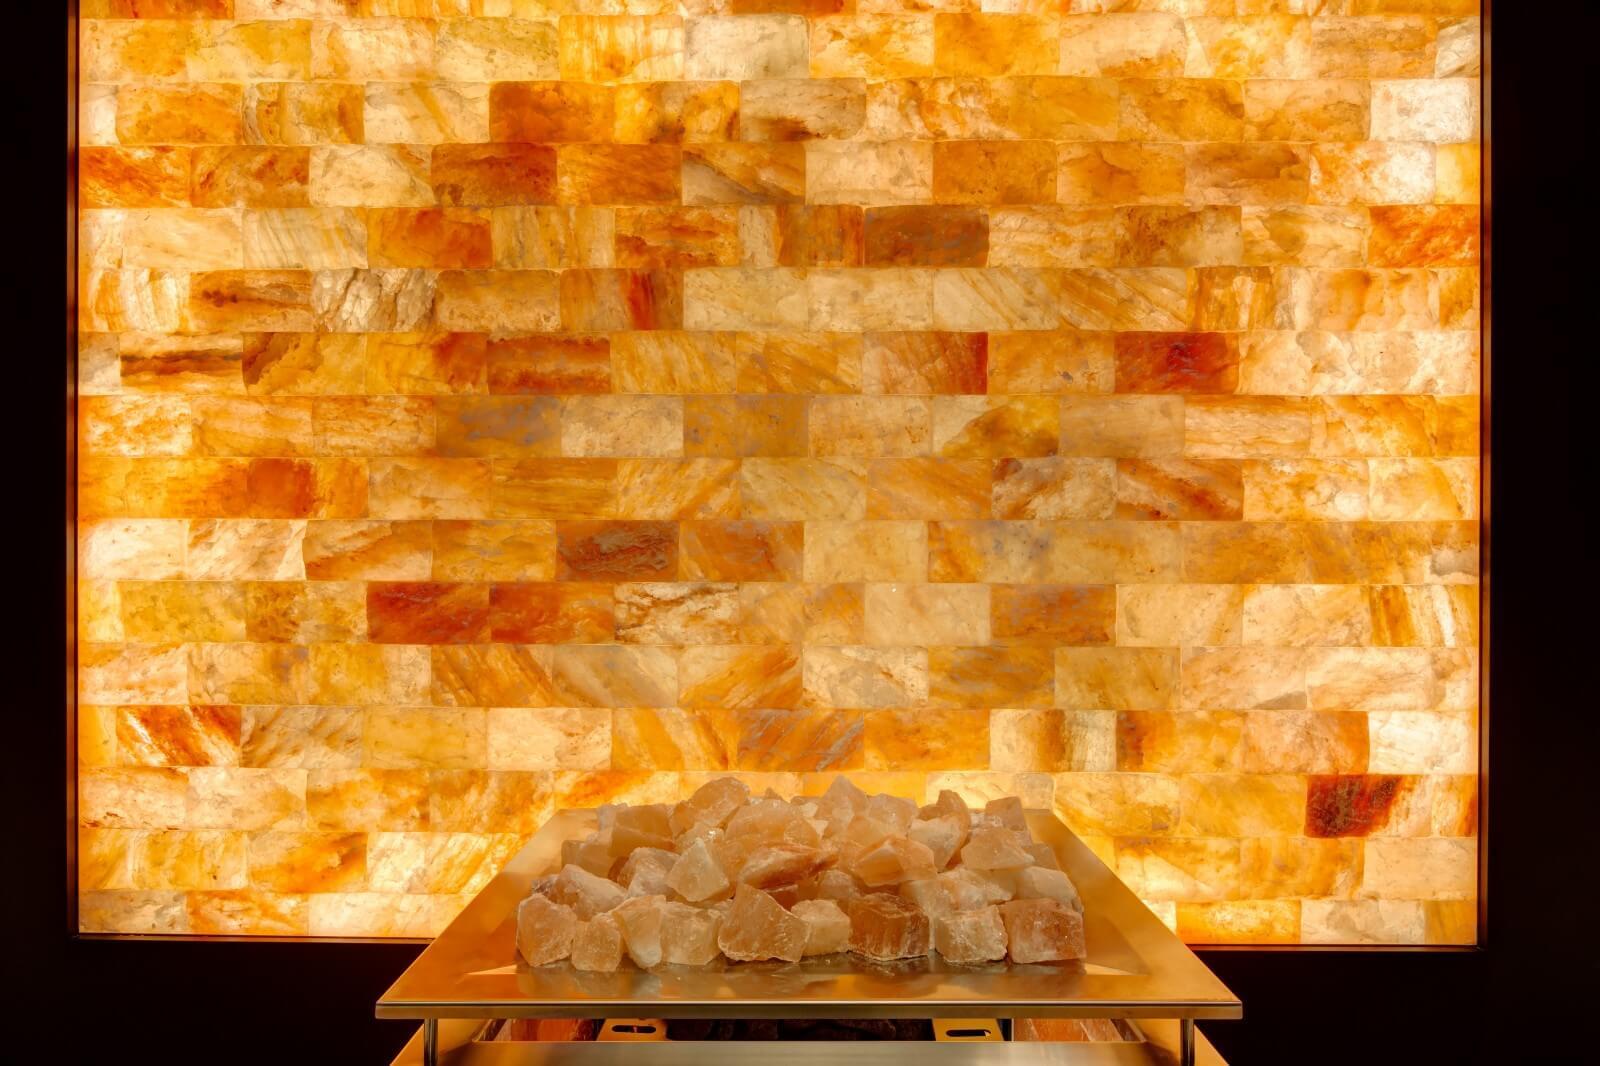 lichtdesigner für zuhause andea kristall lichtdesigner lichtplanung lichtdesign lichtberater bekannte lichtdesigner gutes licht für ihr zuhause durchdachte lichtkonzept bernd beisse torsten müller bringt magie in ihren raum alle sinne